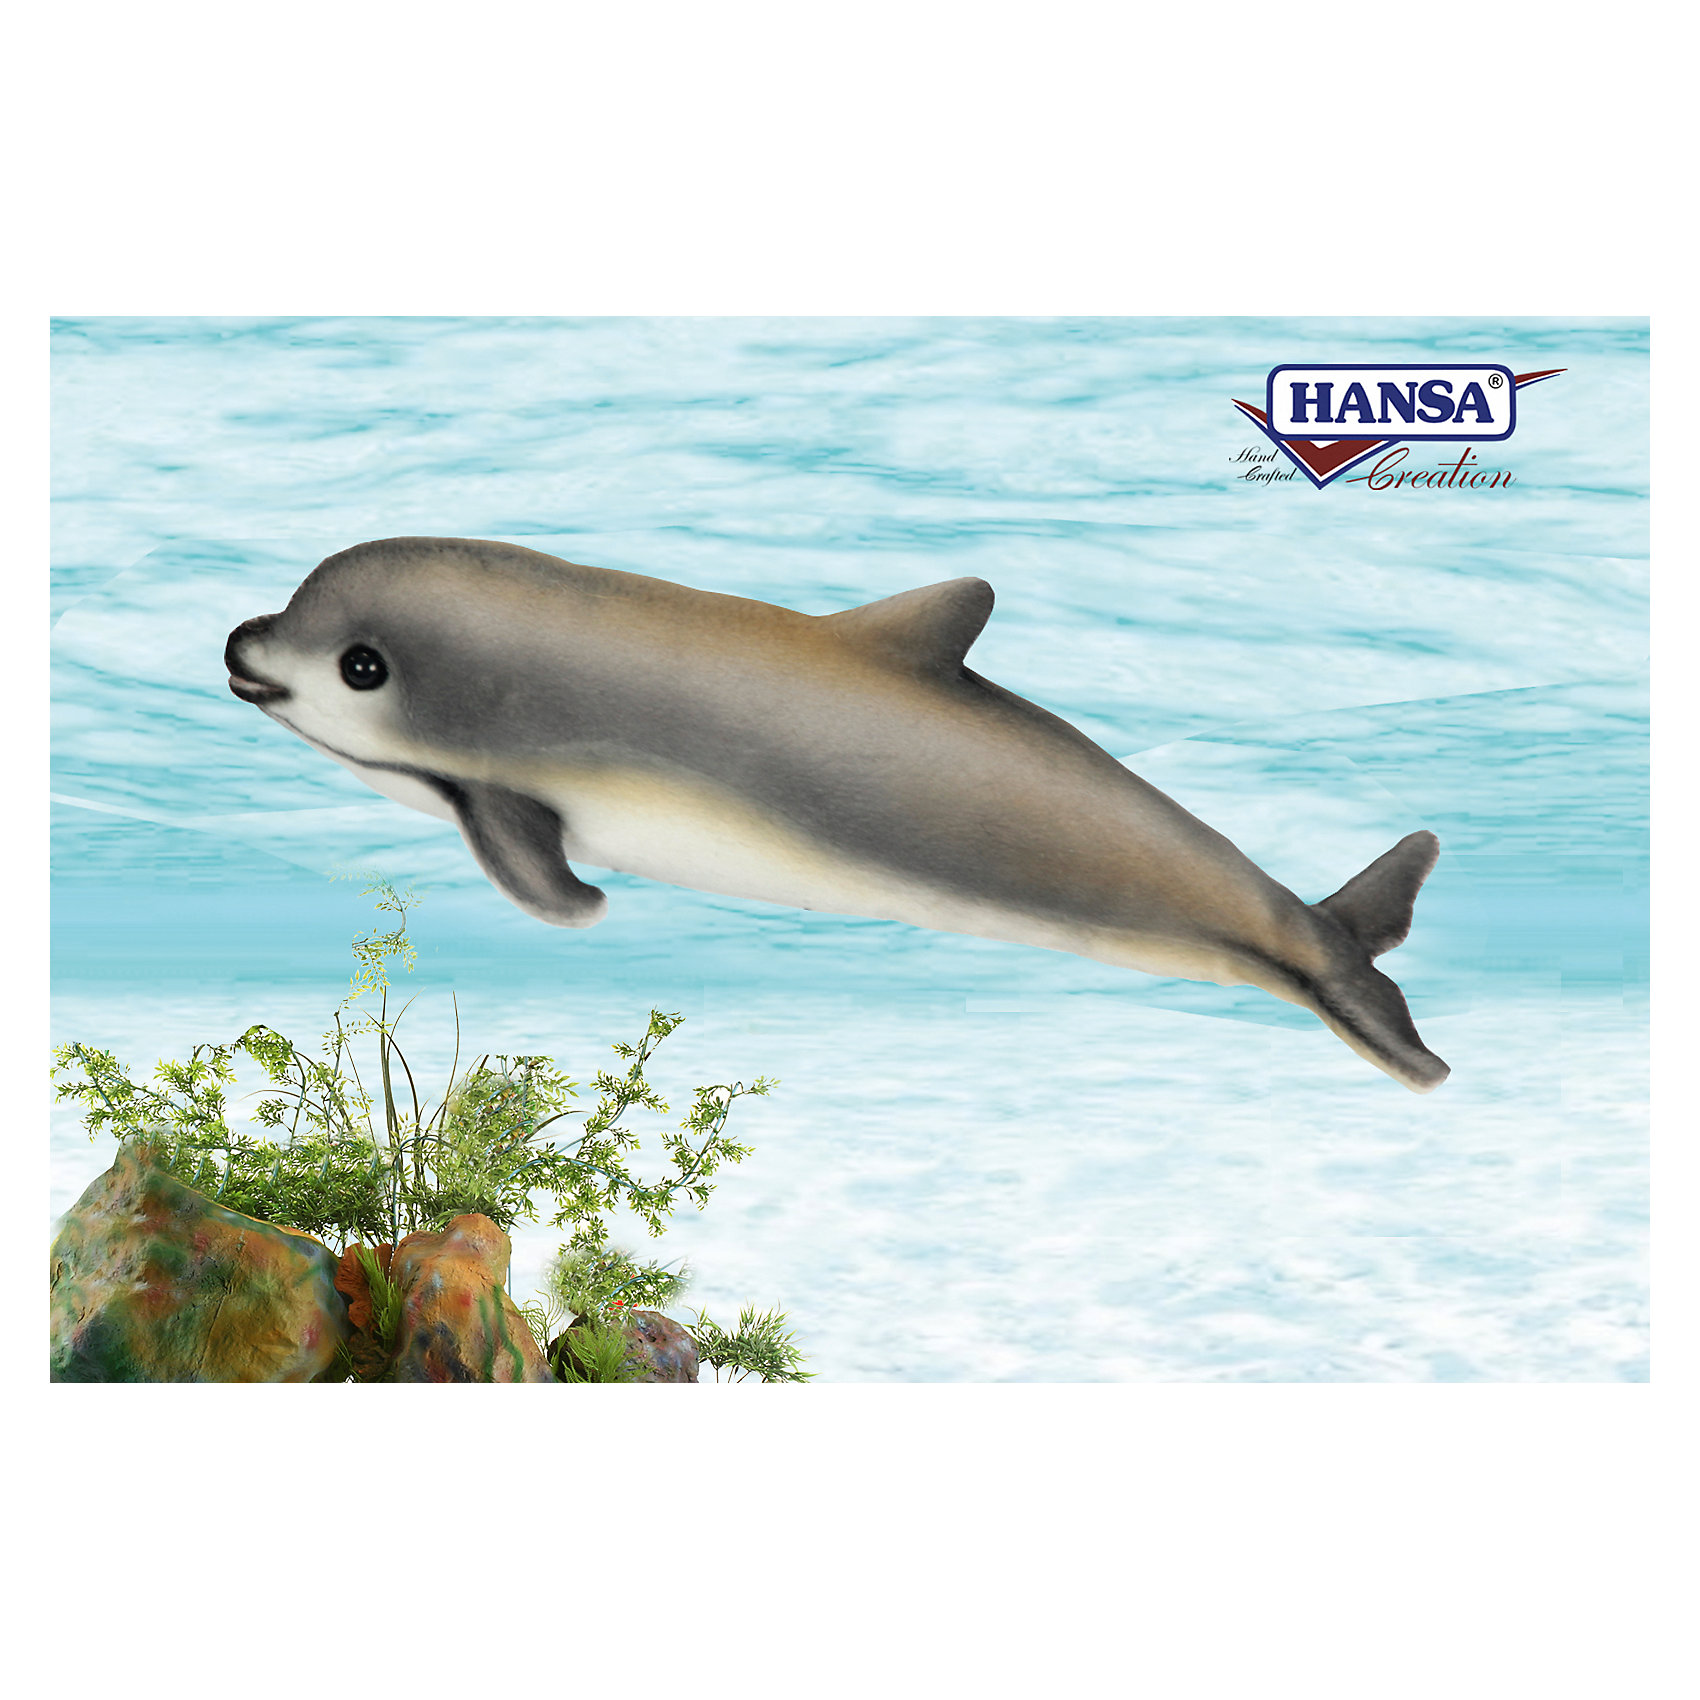 Детеныш калифорнийской морской свиньи, 31 см, HansaHansa  - мировой лидер по производству  натуралистичных, максимально похожих на настоящих животных, мягких игрушек. <br>Ханса воссоздает  экстерьер и окрас животных, фактуру шерсти, характерные позы и даже характер. <br>Благодаря своей реалистичности, игрушки HANSA позволяют любоваться дикими животными, сохраняя их жизнь.<br><br>Ширина мм: 100<br>Глубина мм: 310<br>Высота мм: 120<br>Вес г: 180<br>Возраст от месяцев: 36<br>Возраст до месяцев: 2147483647<br>Пол: Унисекс<br>Возраст: Детский<br>SKU: 5503306